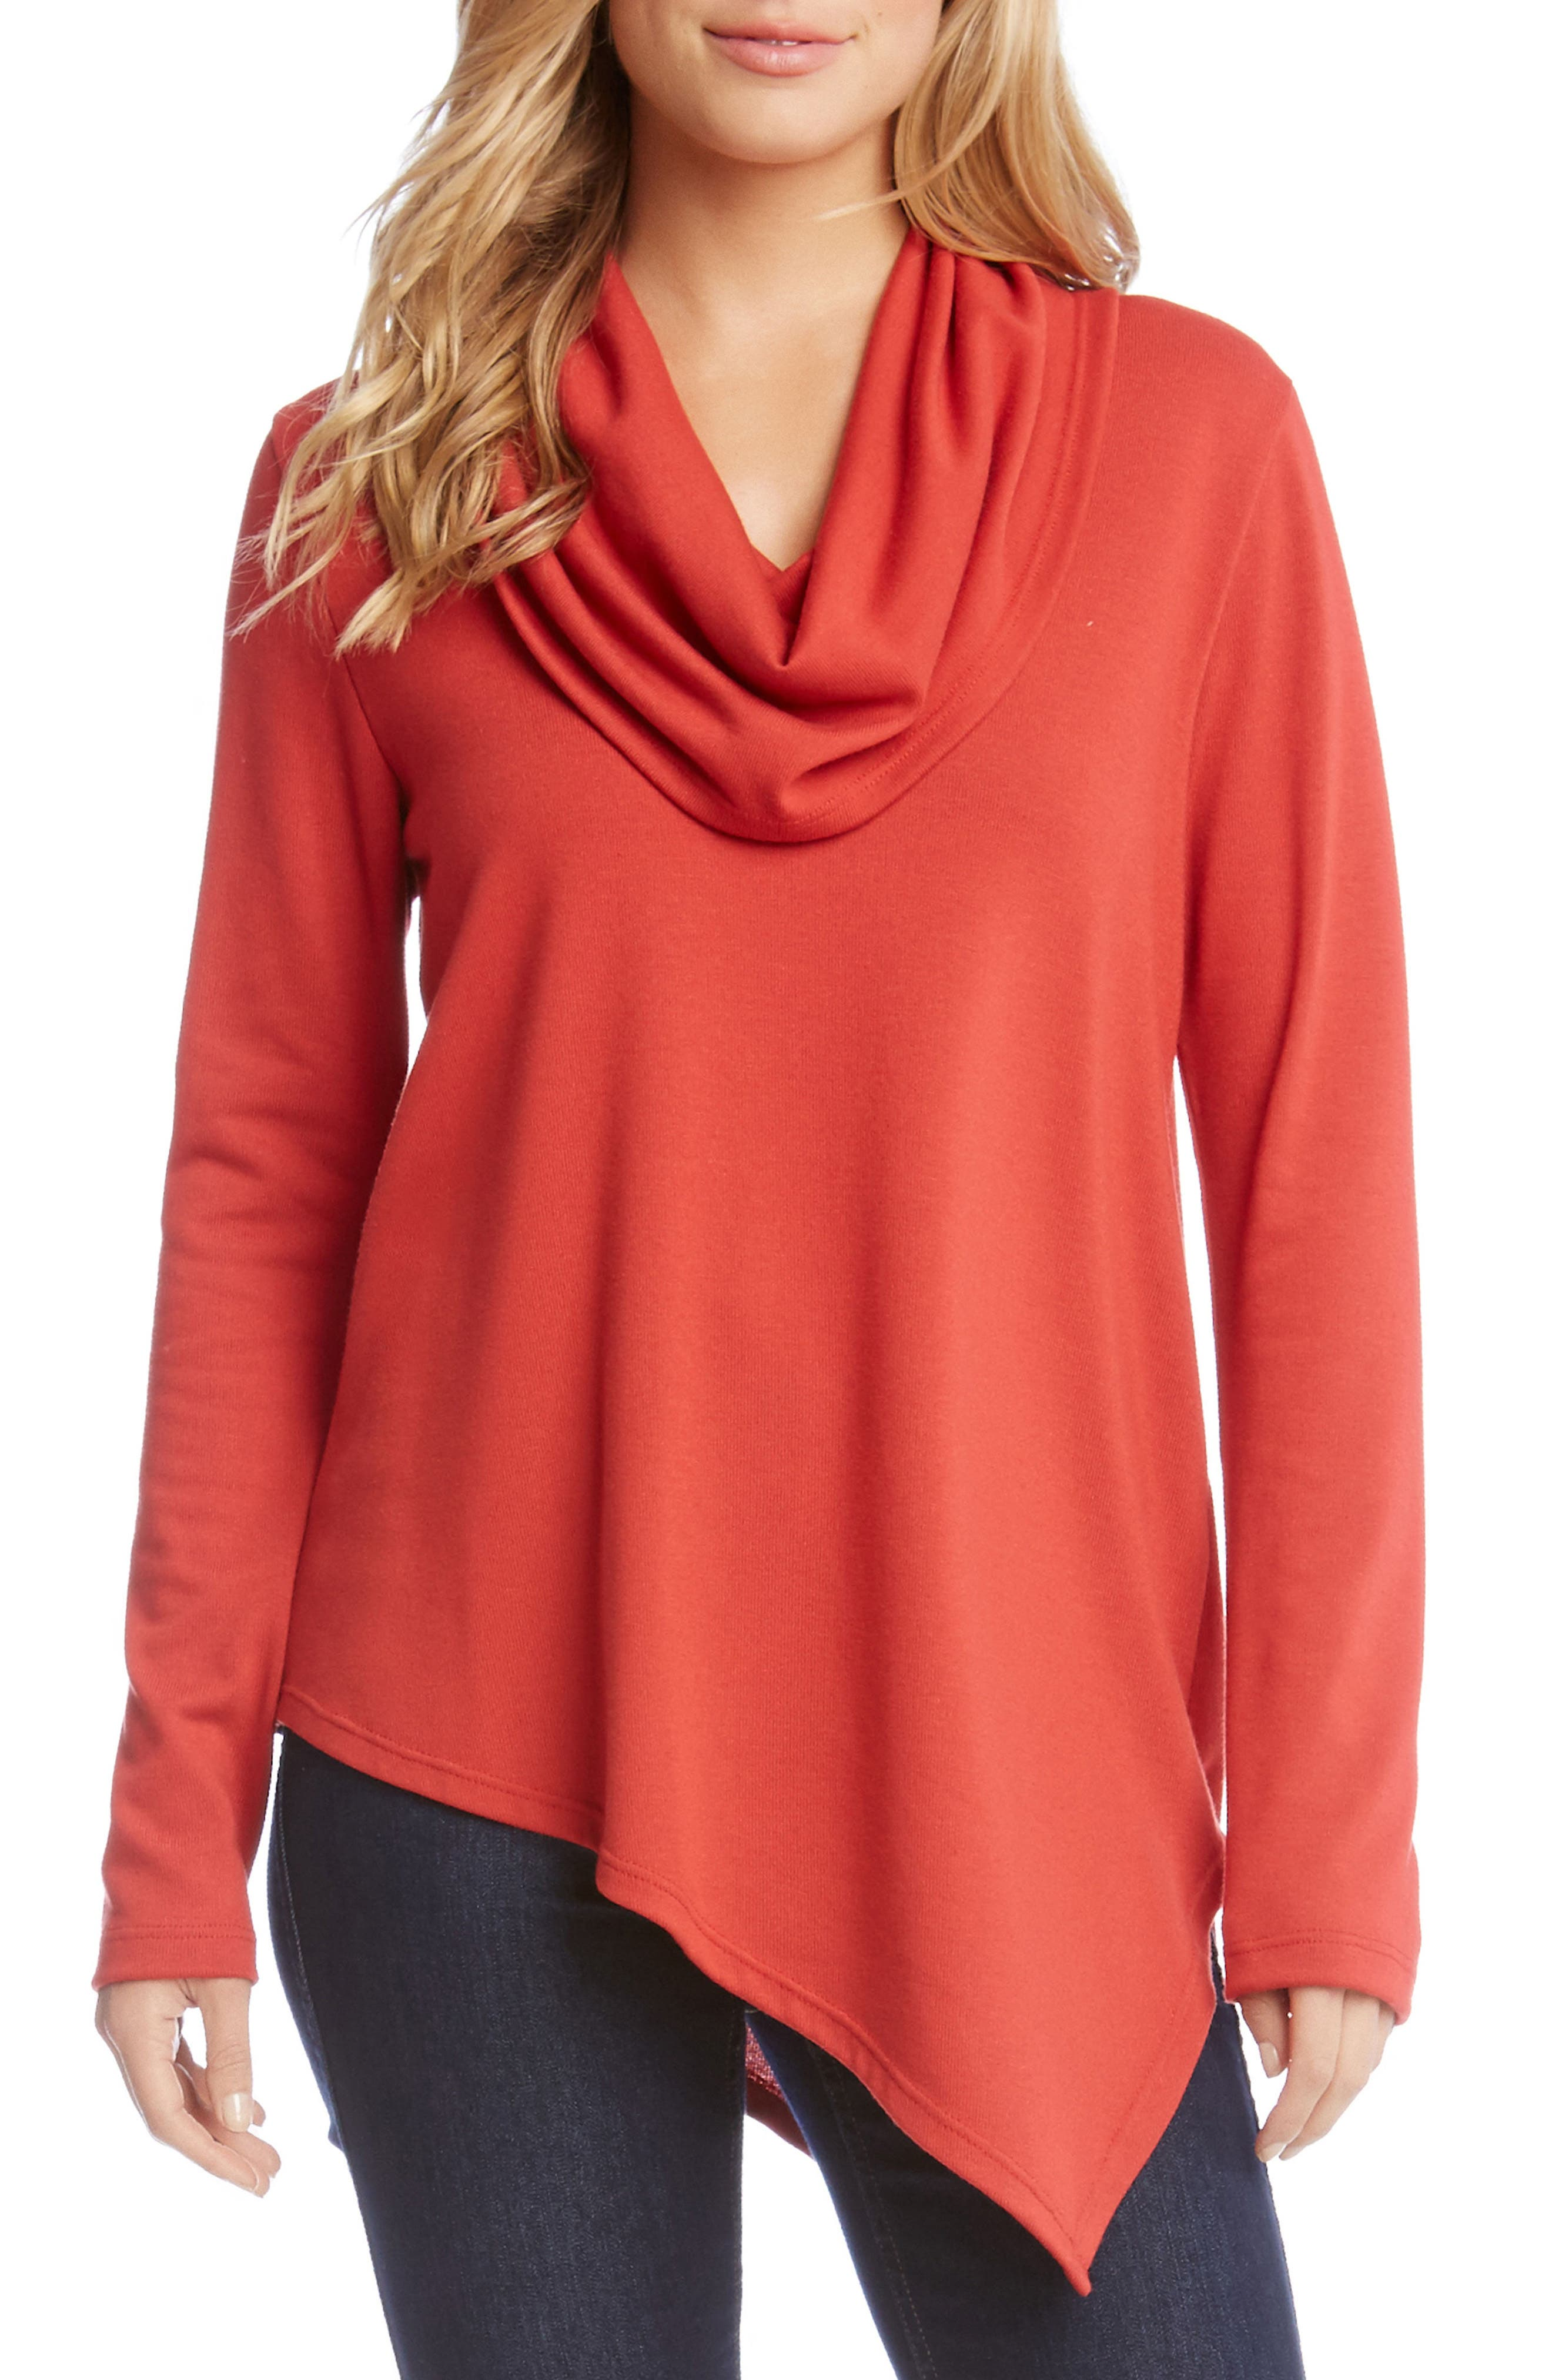 Main Image - Karen Kane Cowl Neck Asymmetrical Sweater